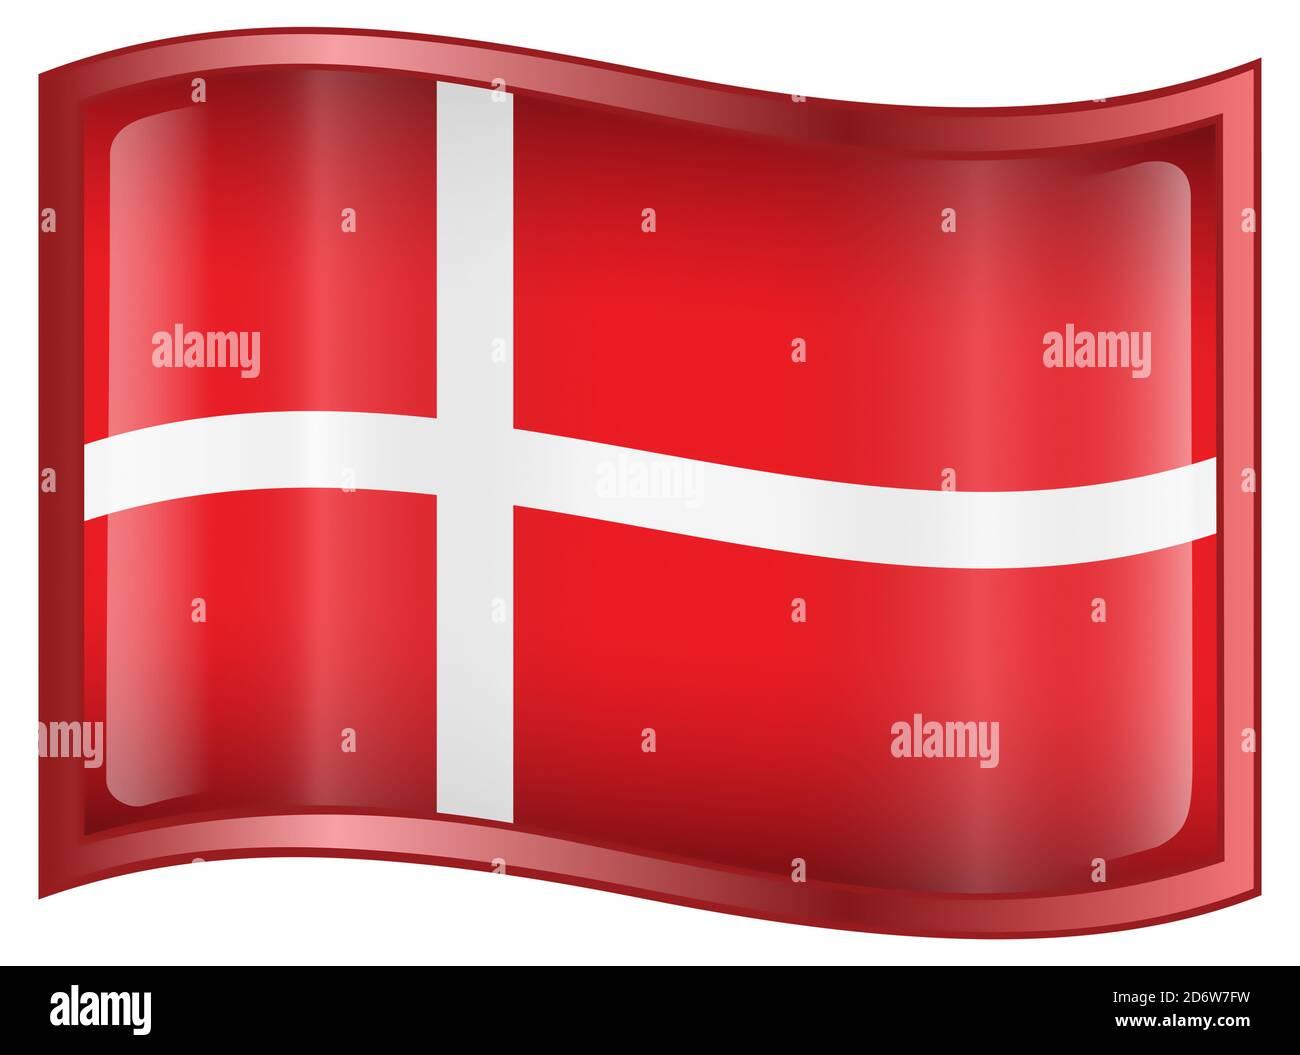 Dänische Flaggen-Symbol. Stockfoto